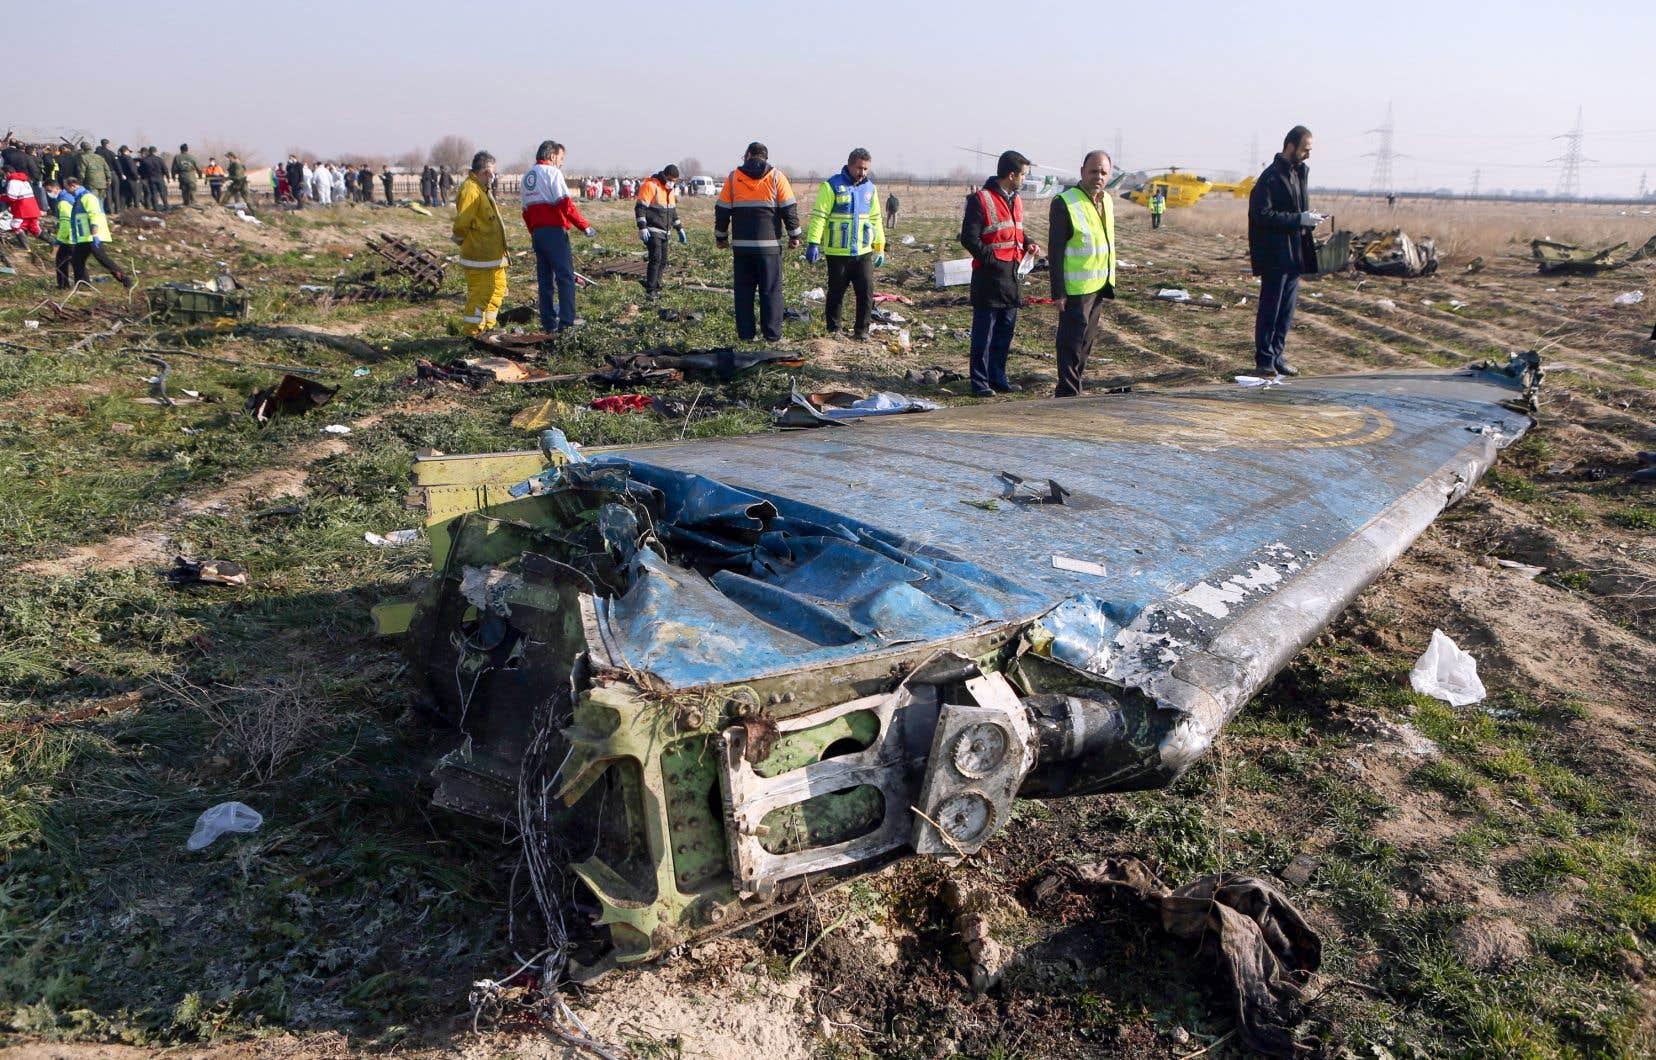 La catastrophe, qui a entraîné la mort de 176 personnes, est survenue quelques heures après des tirs de missiles par Téhéran sur des bases utilisées par l'armée américaine en Irak.